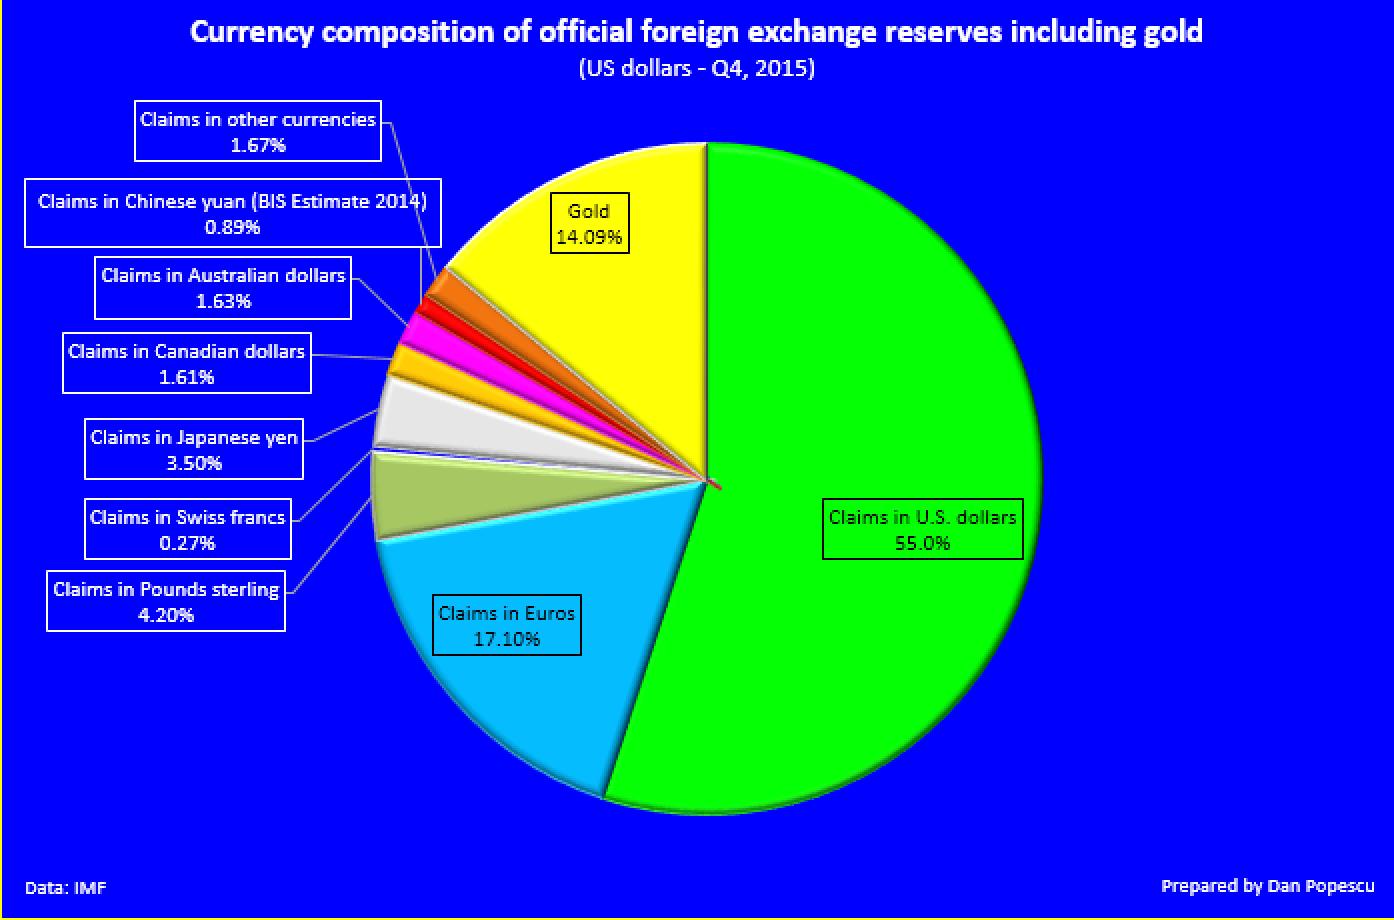 La composition officielle des monnaies dans les réserves incluant l'or